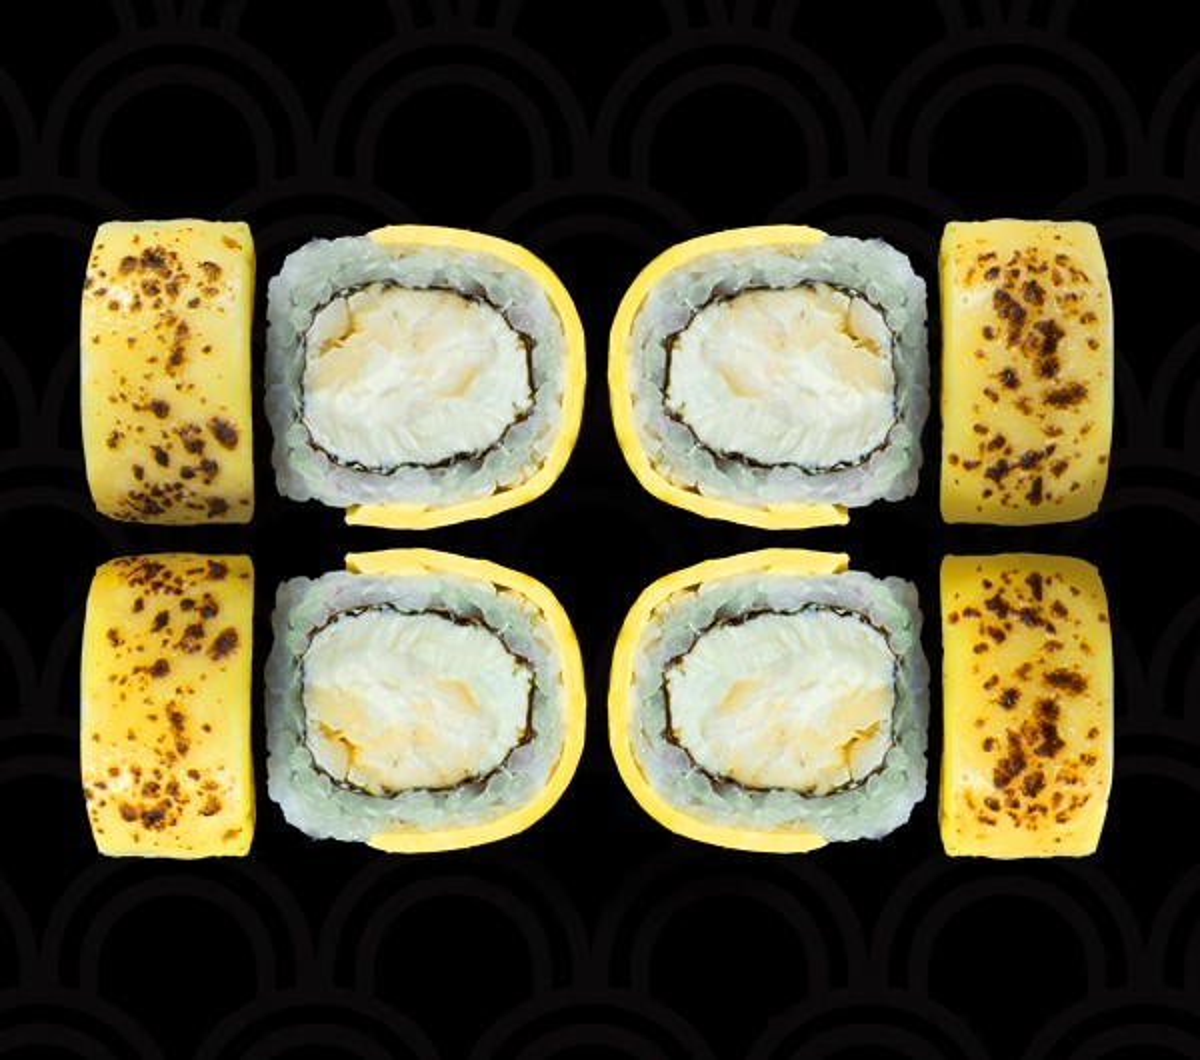 заказать: Роллы - Супер сыр